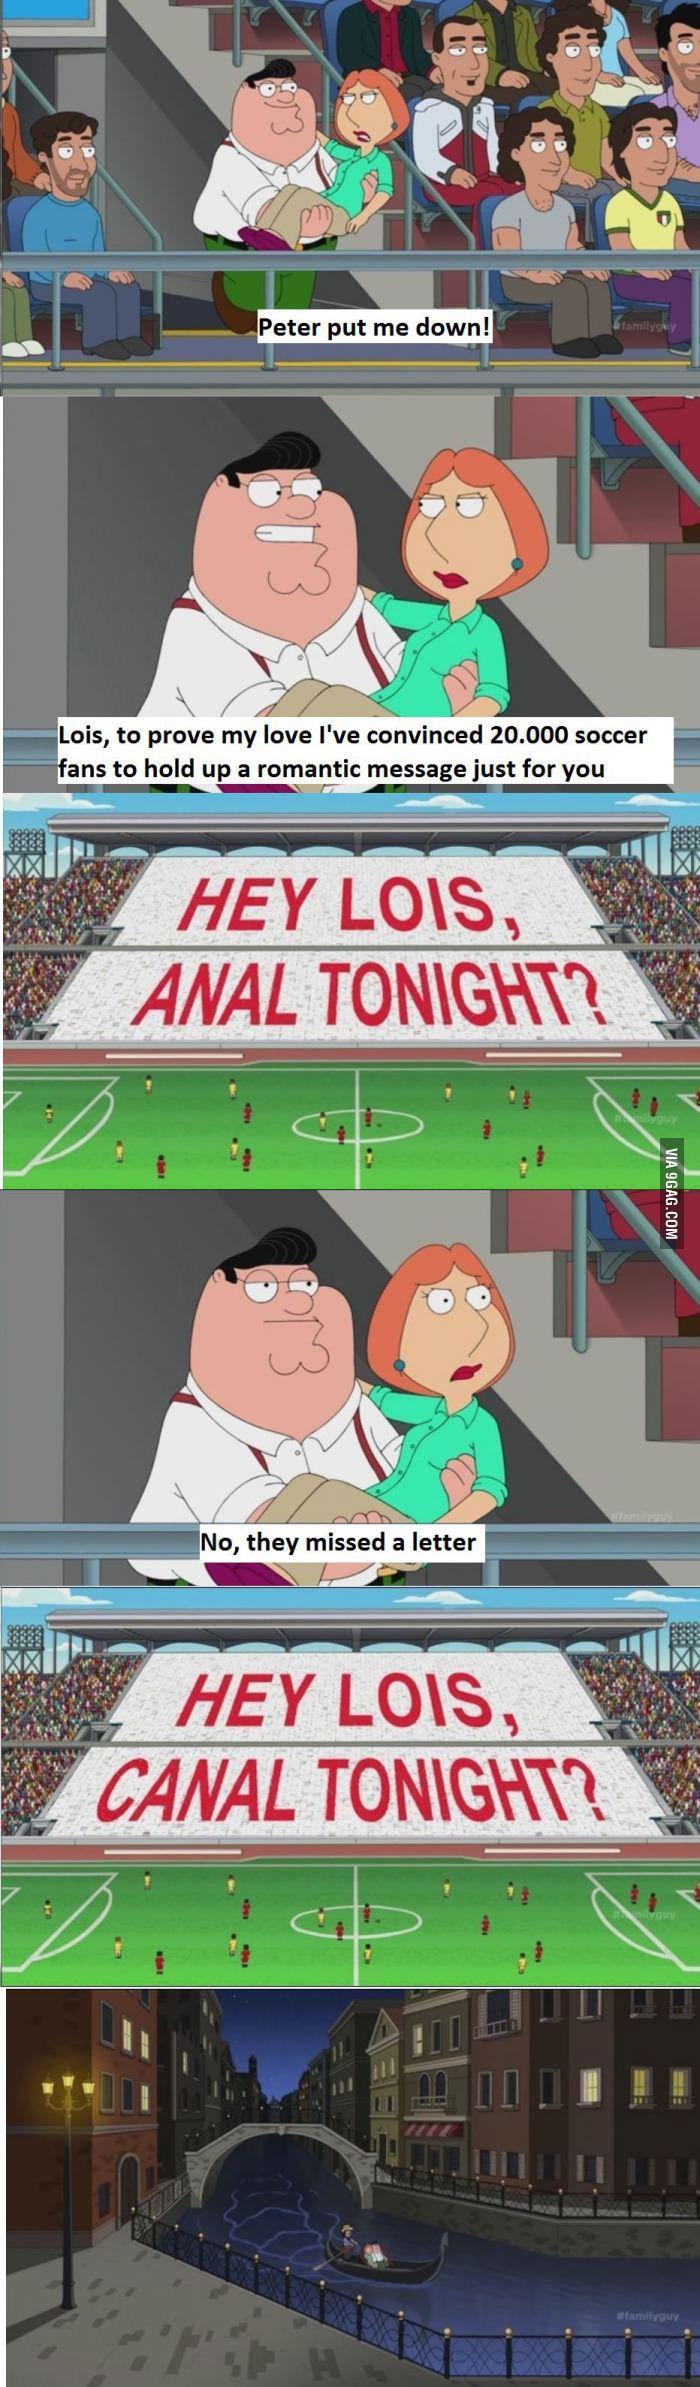 Family Guy in Italy